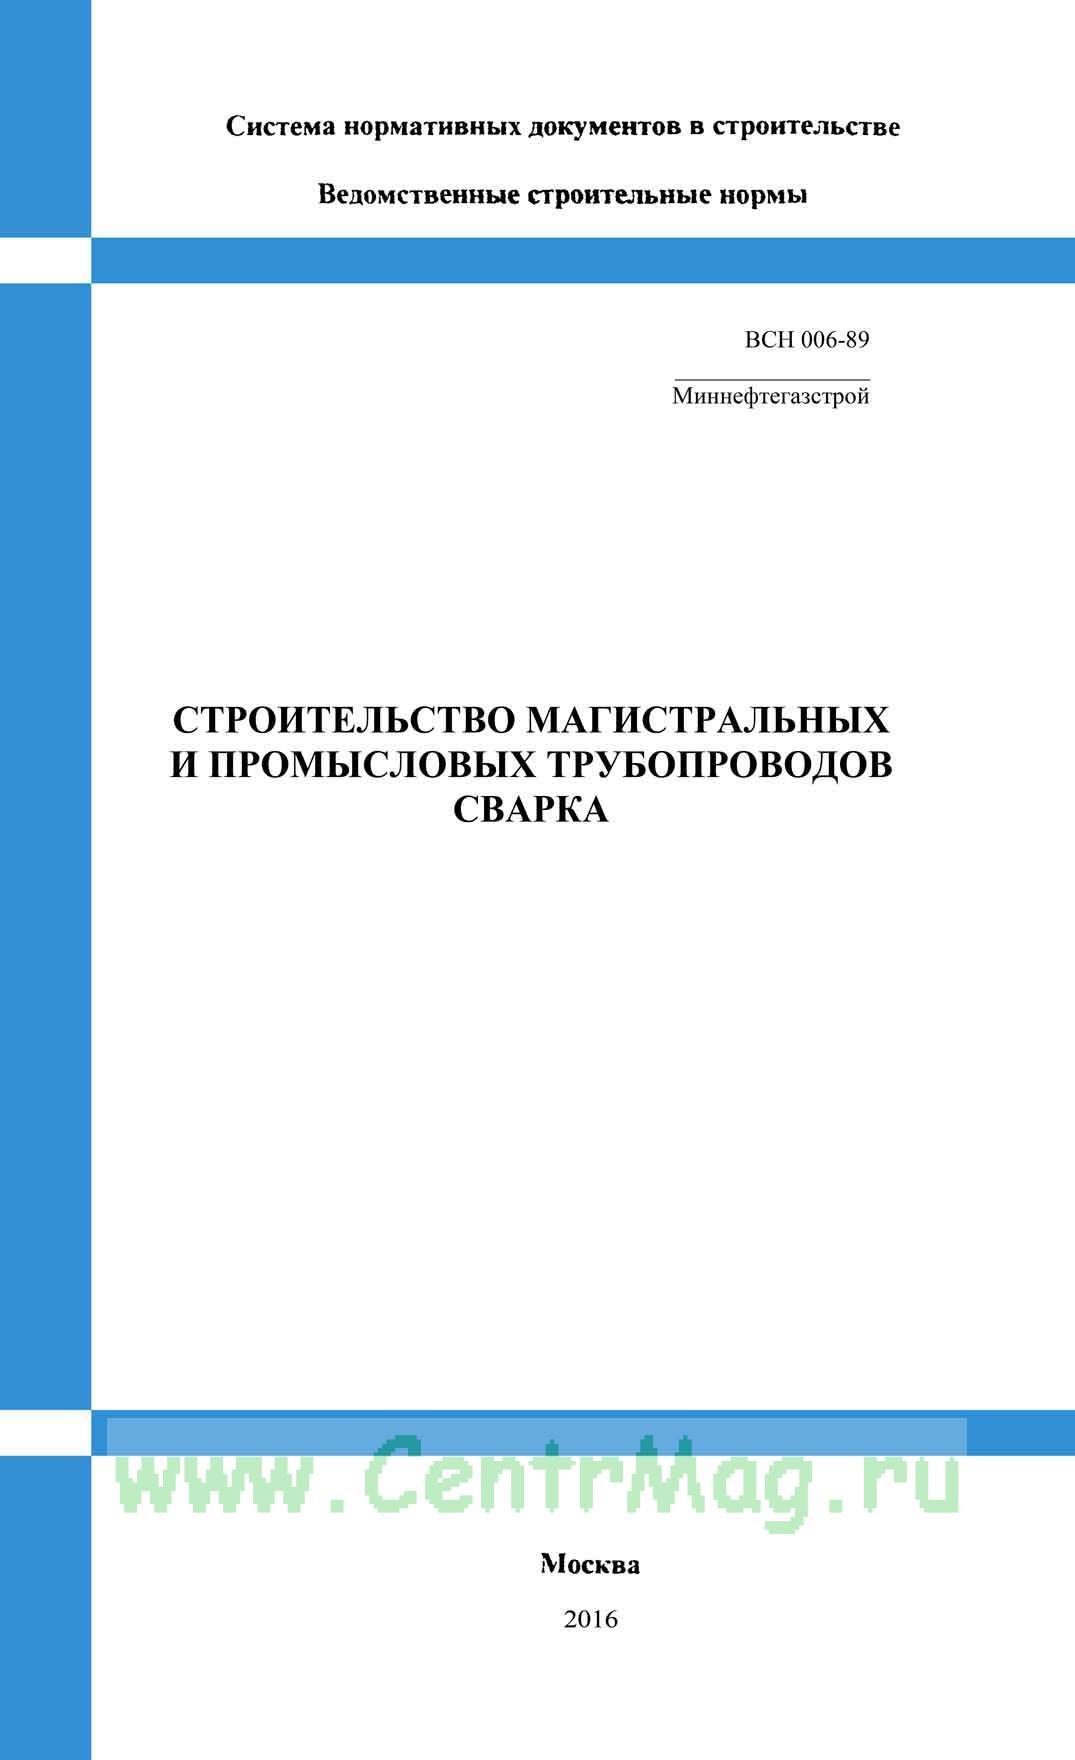 ВСН 006-89 Строительство магистральных и промысловых трубопроводов. Сварка 2017 год. Последняя редакция